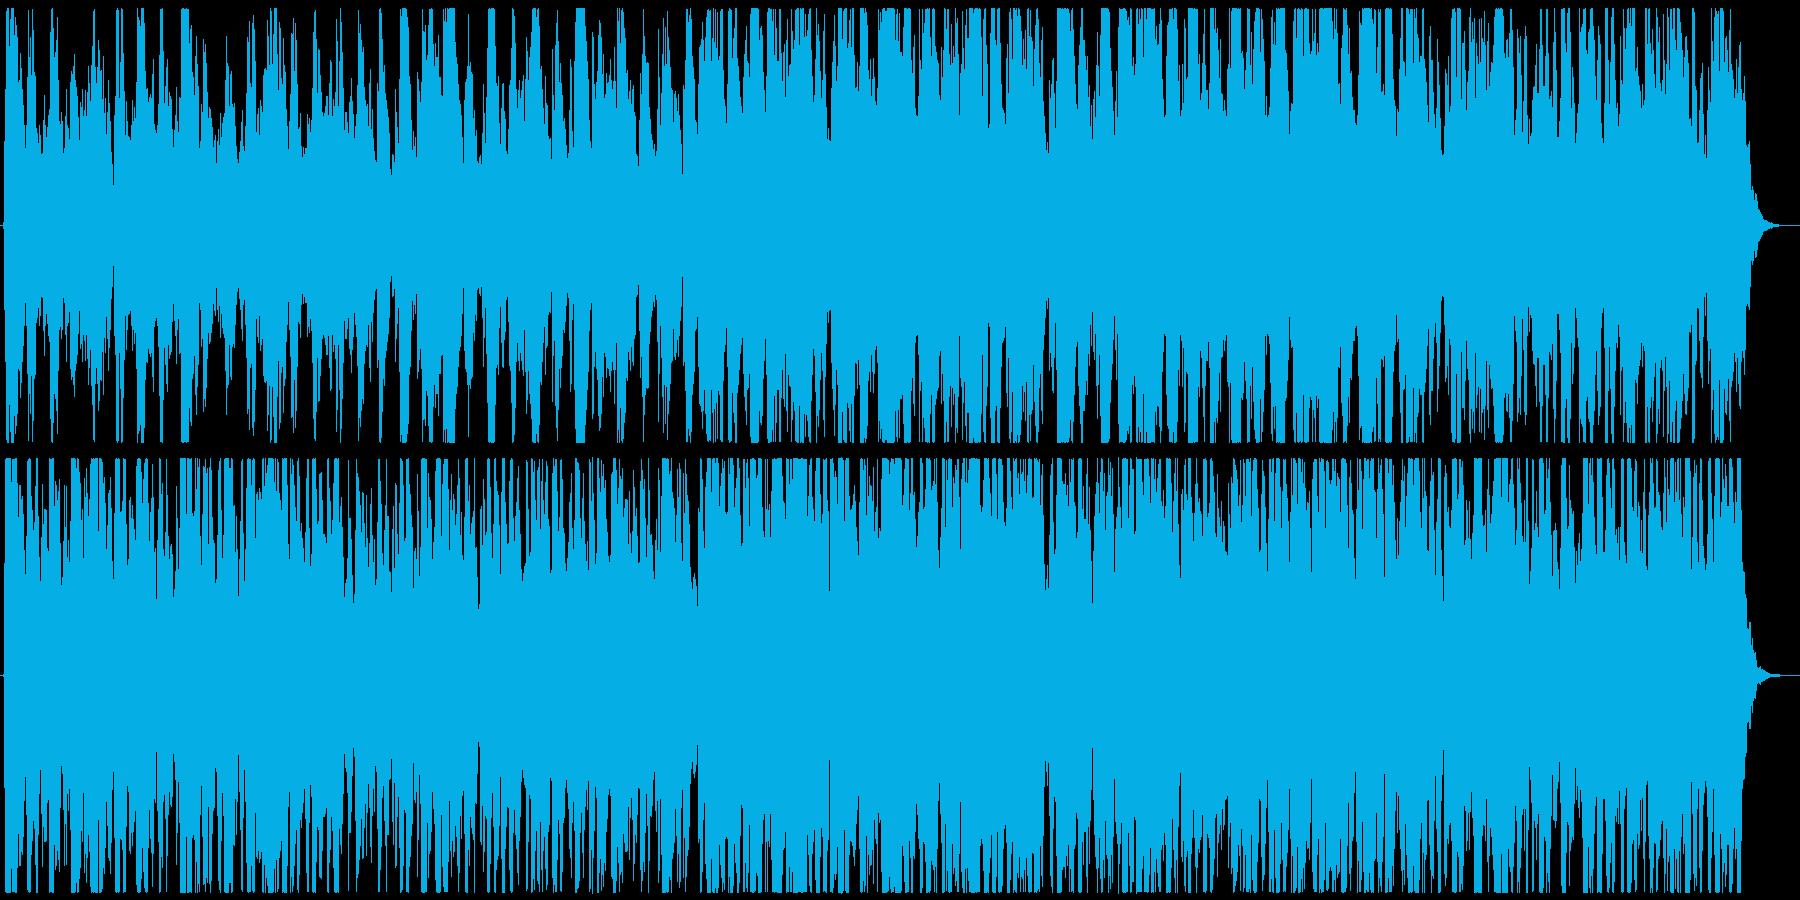 ホラー・ハロウィン向けオーケストラ(短1の再生済みの波形